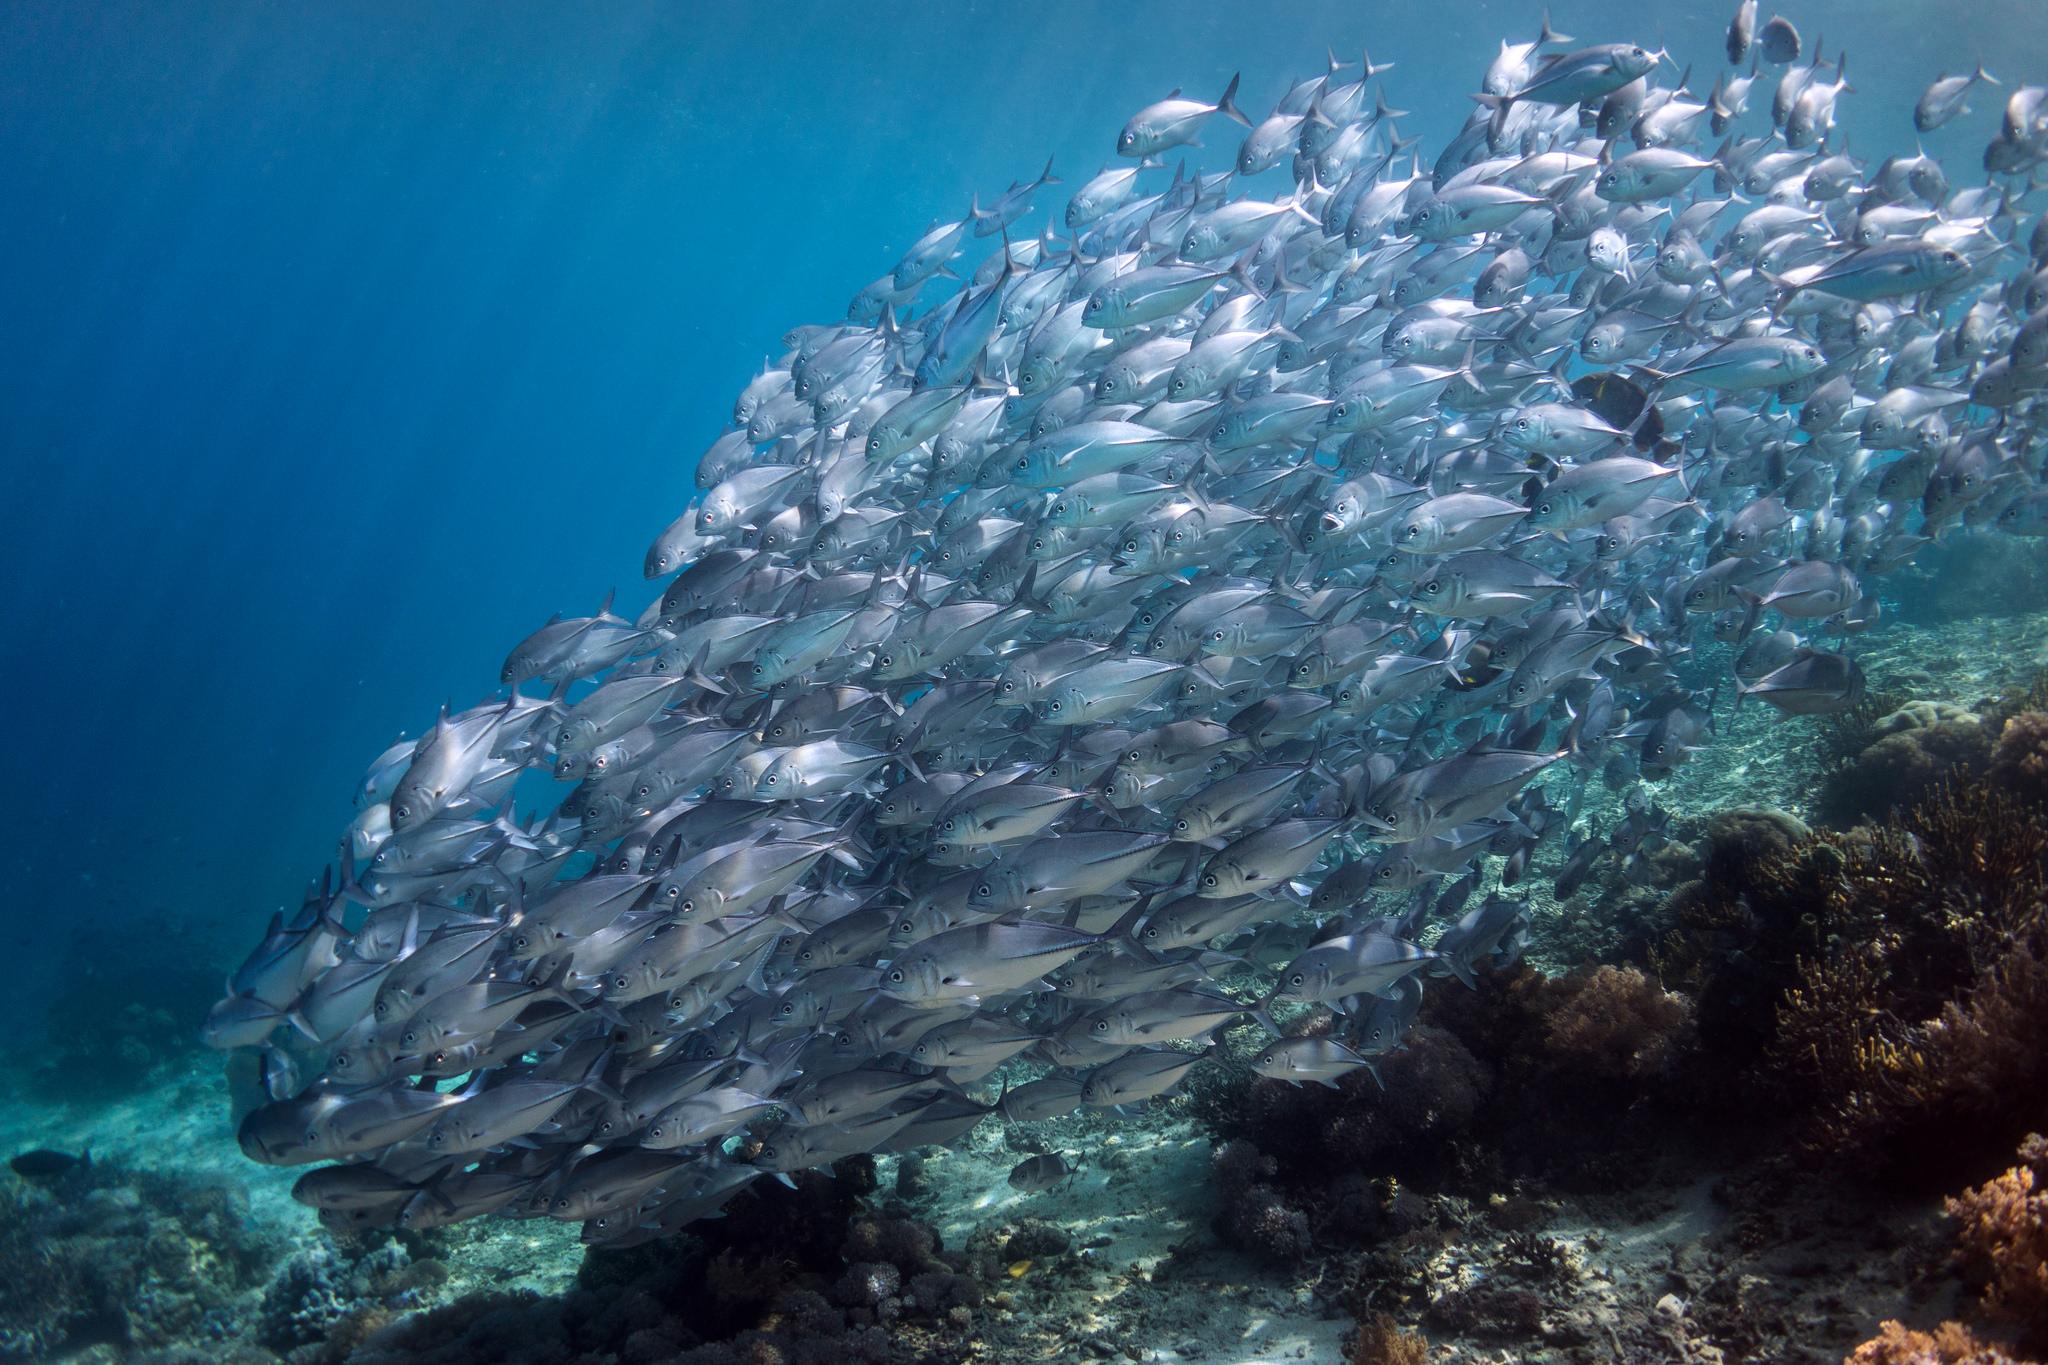 безбилетные, пацаны океан фотографии под водой картон здорово выручает